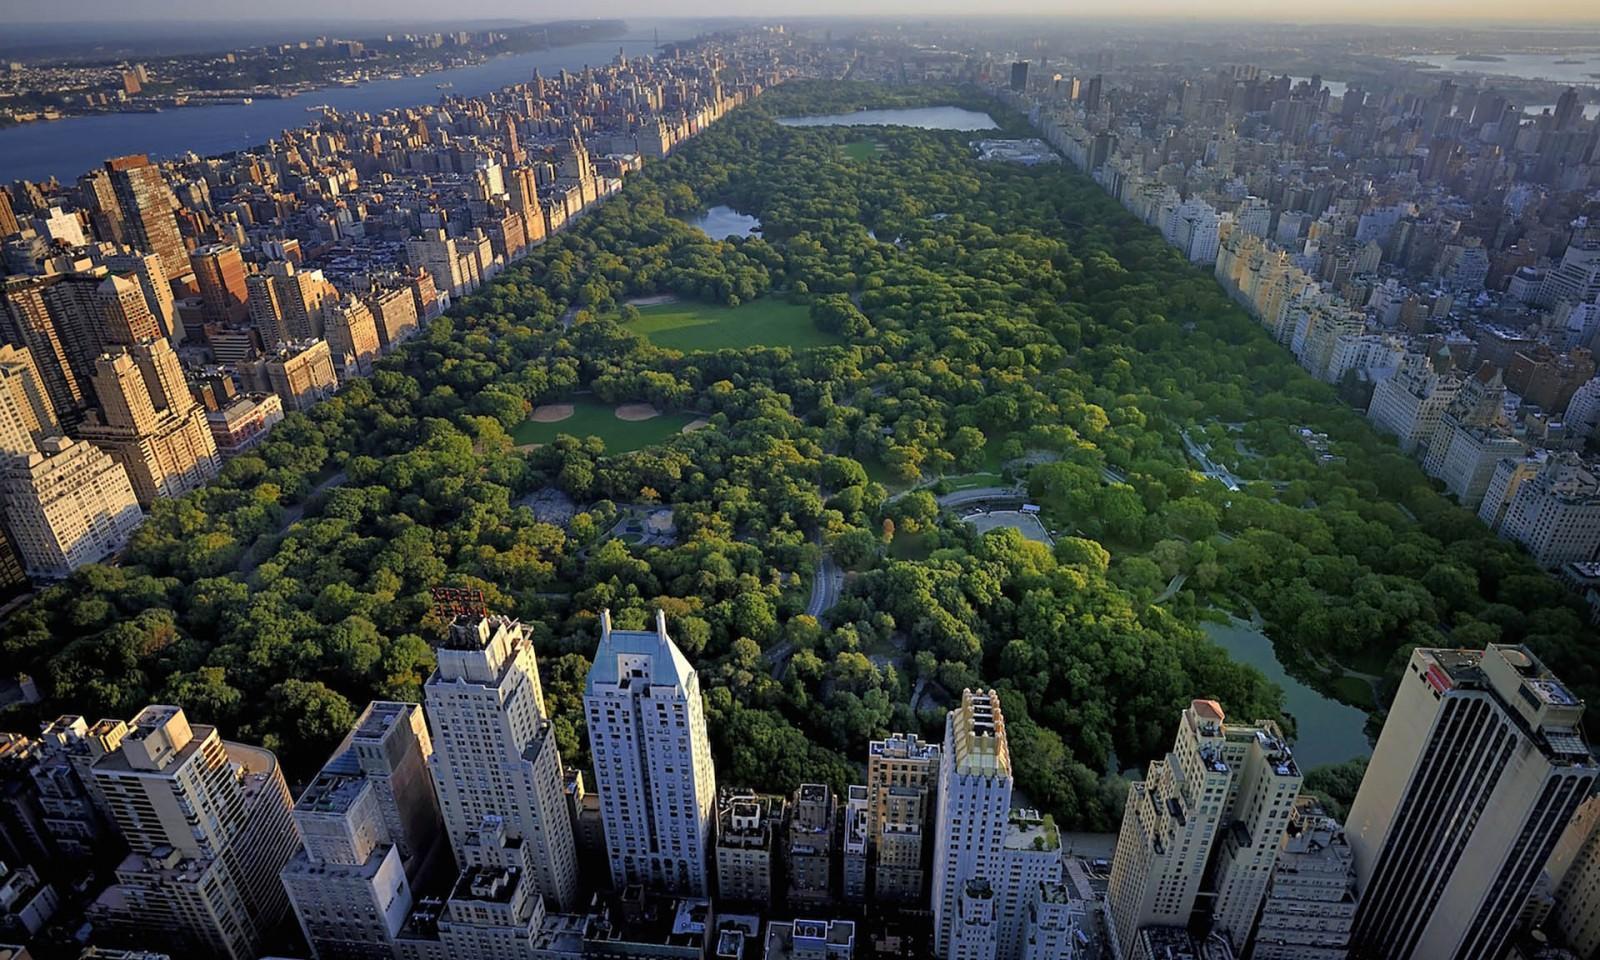 السياحة في نيويورك و قائمة افضل 10 اماكن يمكنك زيارتها هناك بالصور